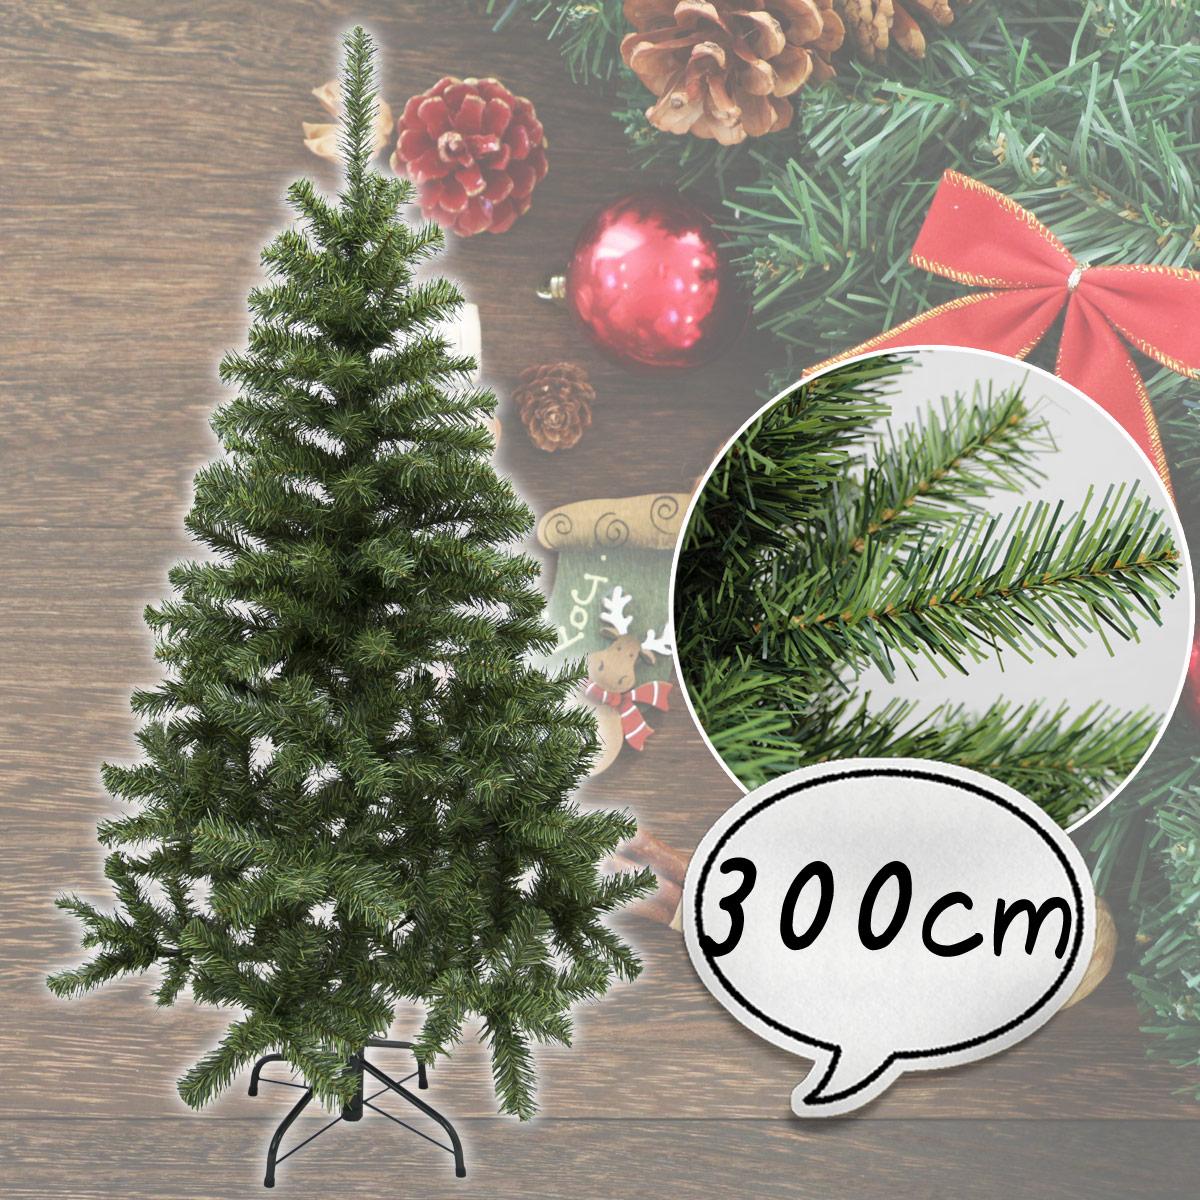 クリスマスツリー 300cm [ツリー 木 単品 ] ネバダツリー 大型ツリー 北欧 おしゃれ